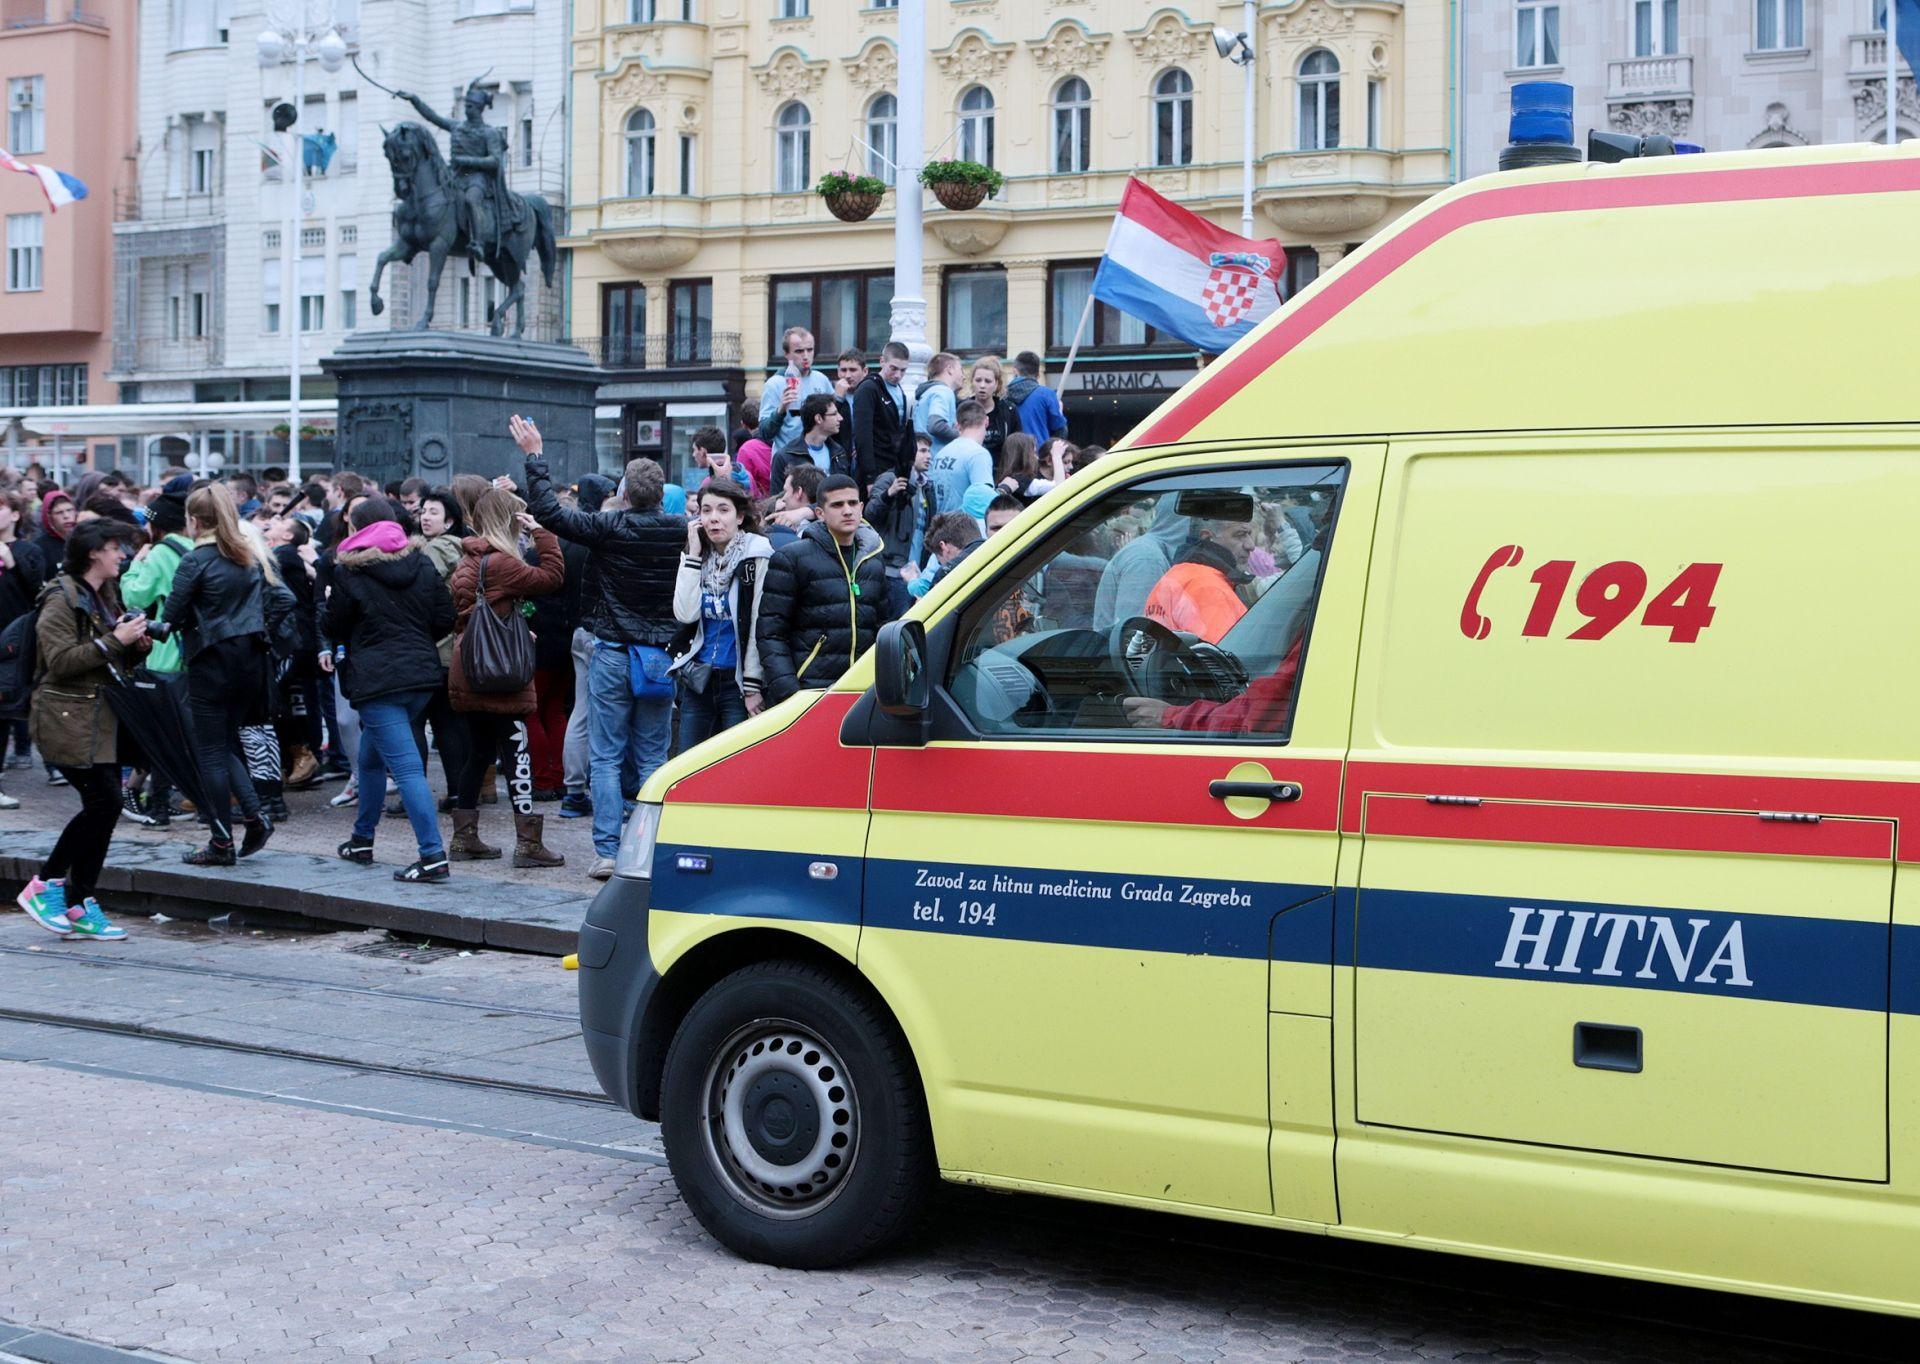 Dan zagrebačkih maturanata: Sedmero privedenih, 25 intervencija hitne